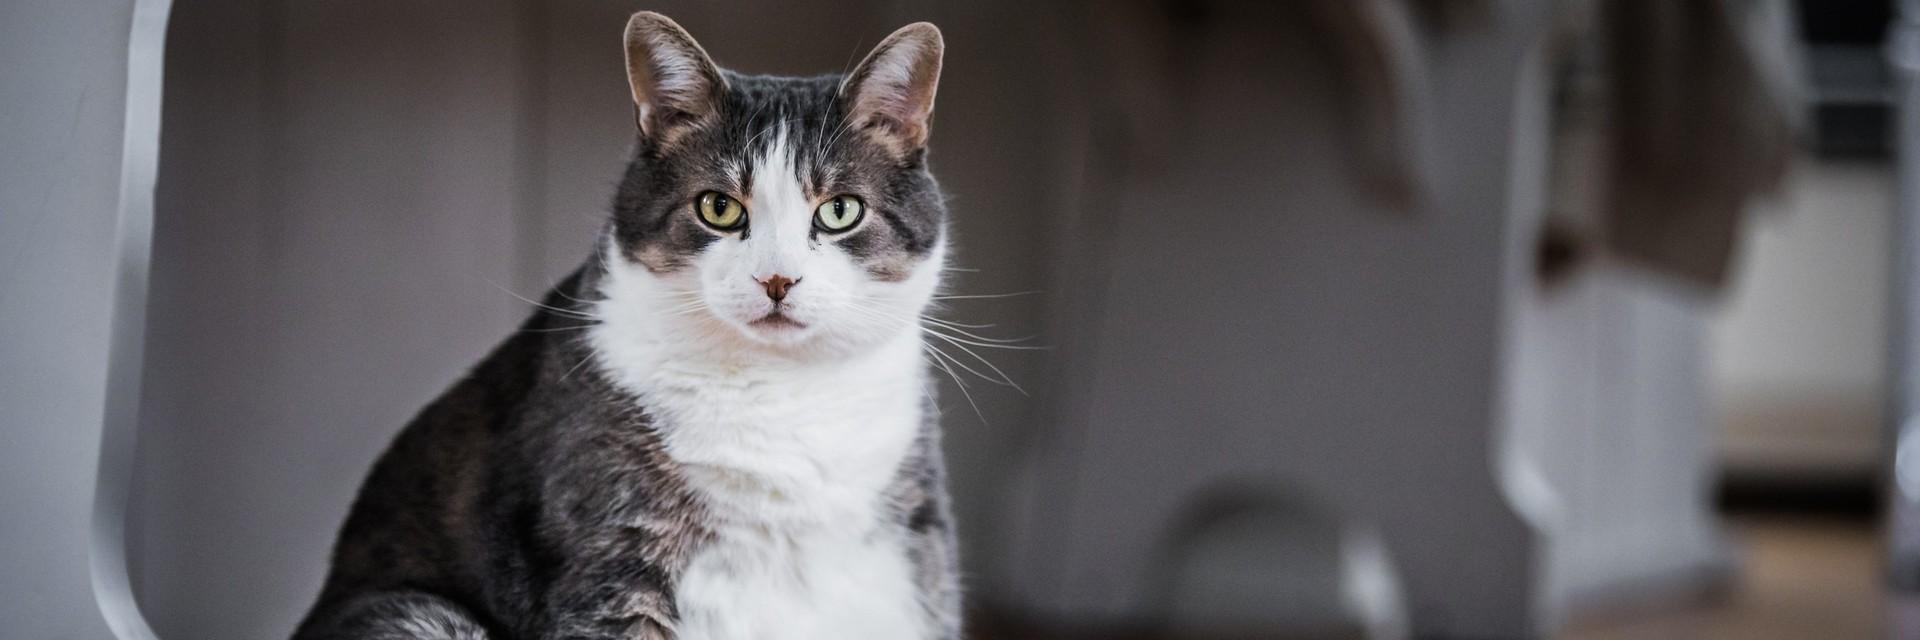 fettleibige Katze